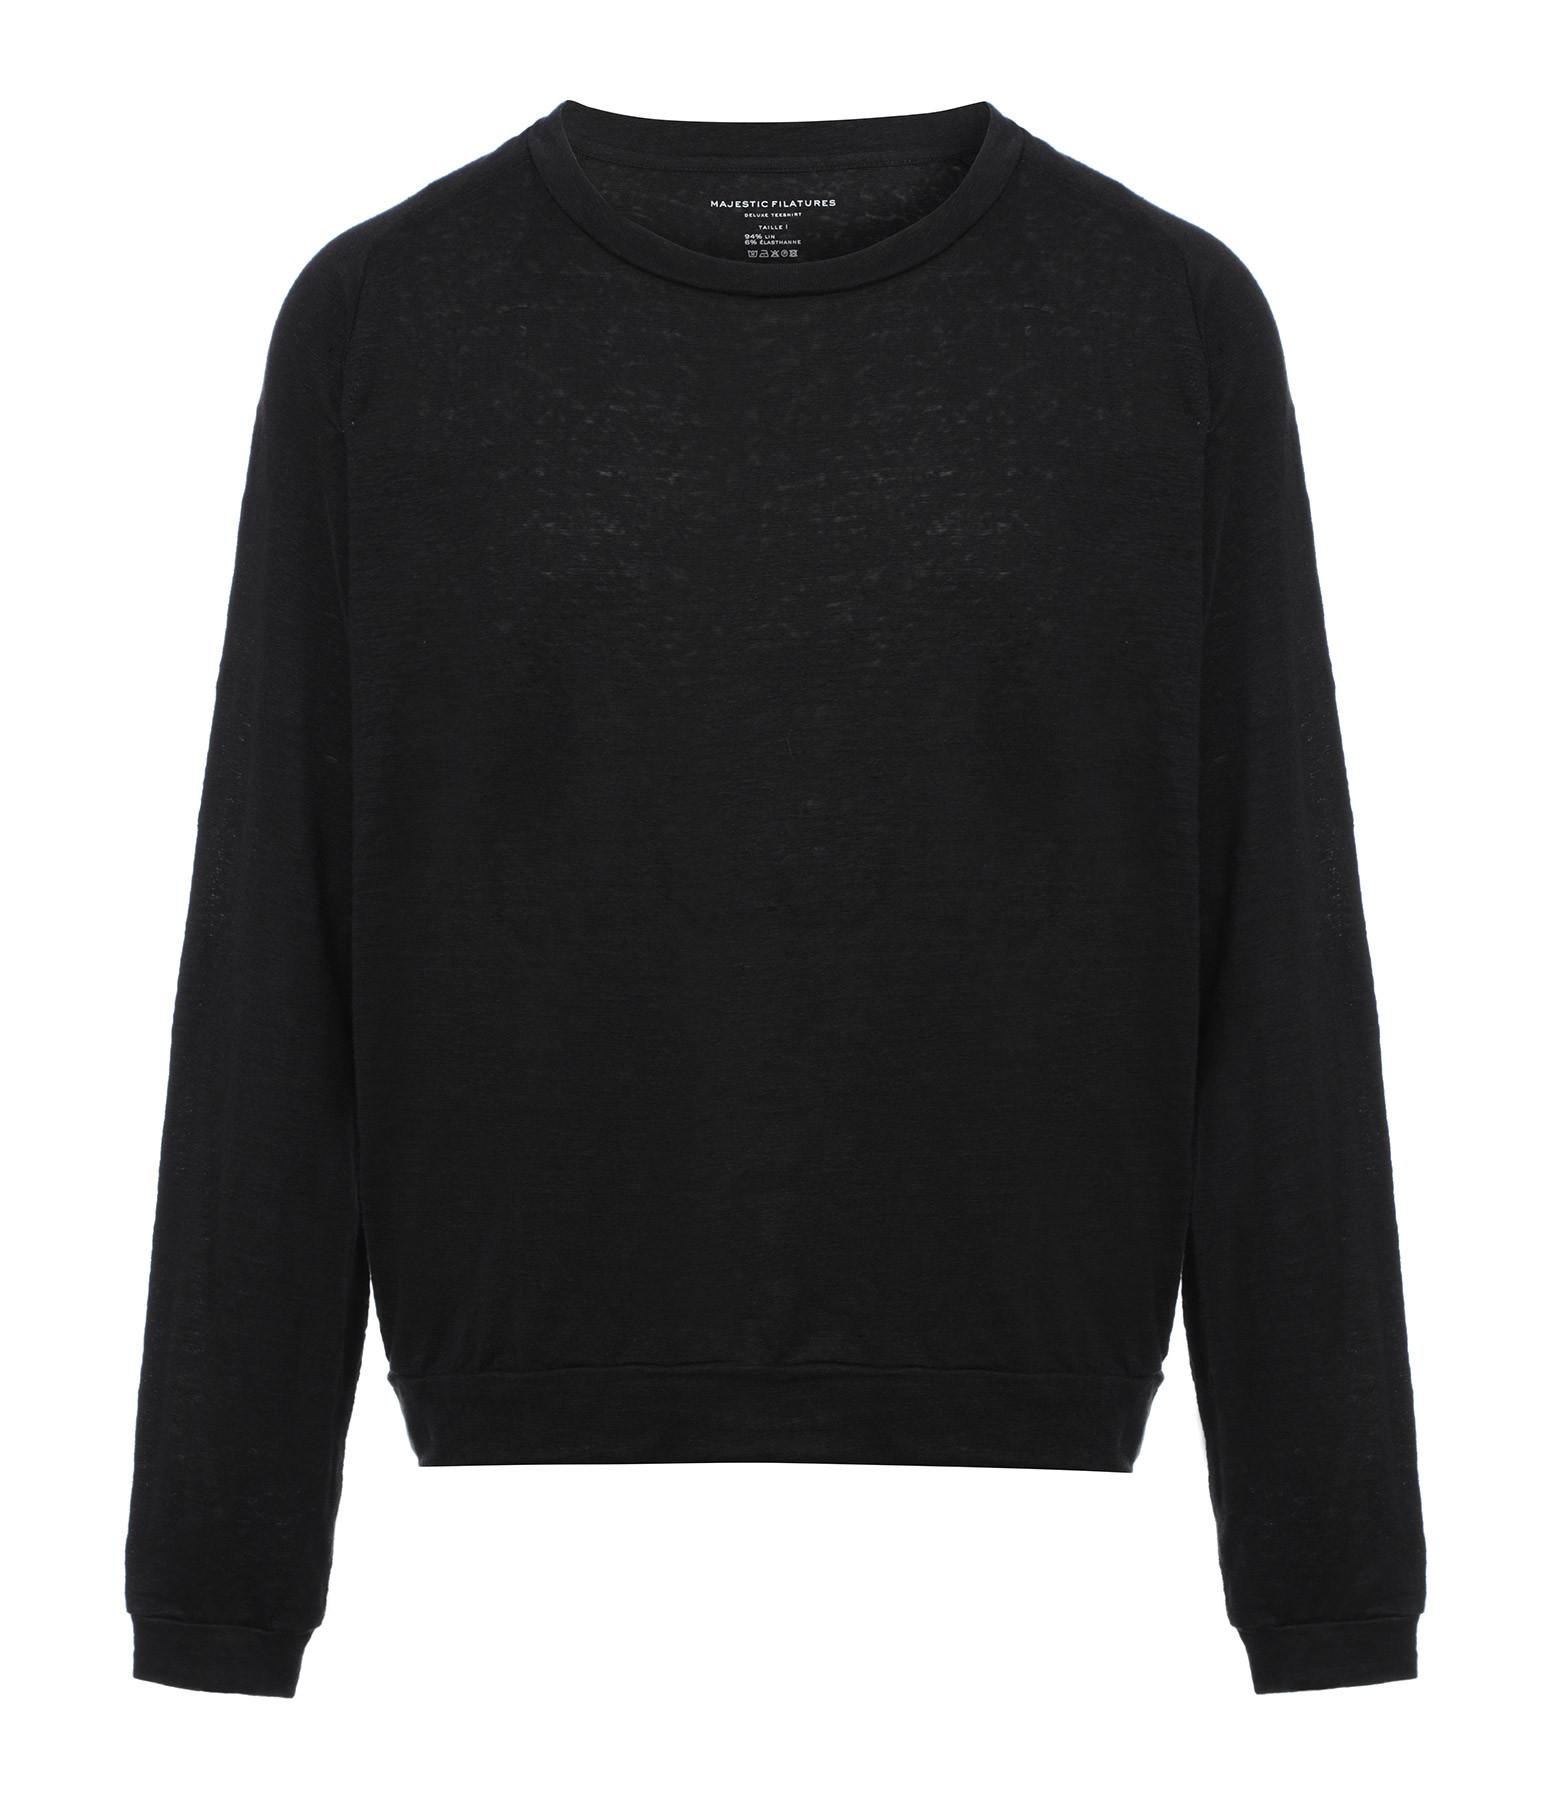 MAJESTIC FILATURES - Sweatshirt Manches Longues Lin Noir